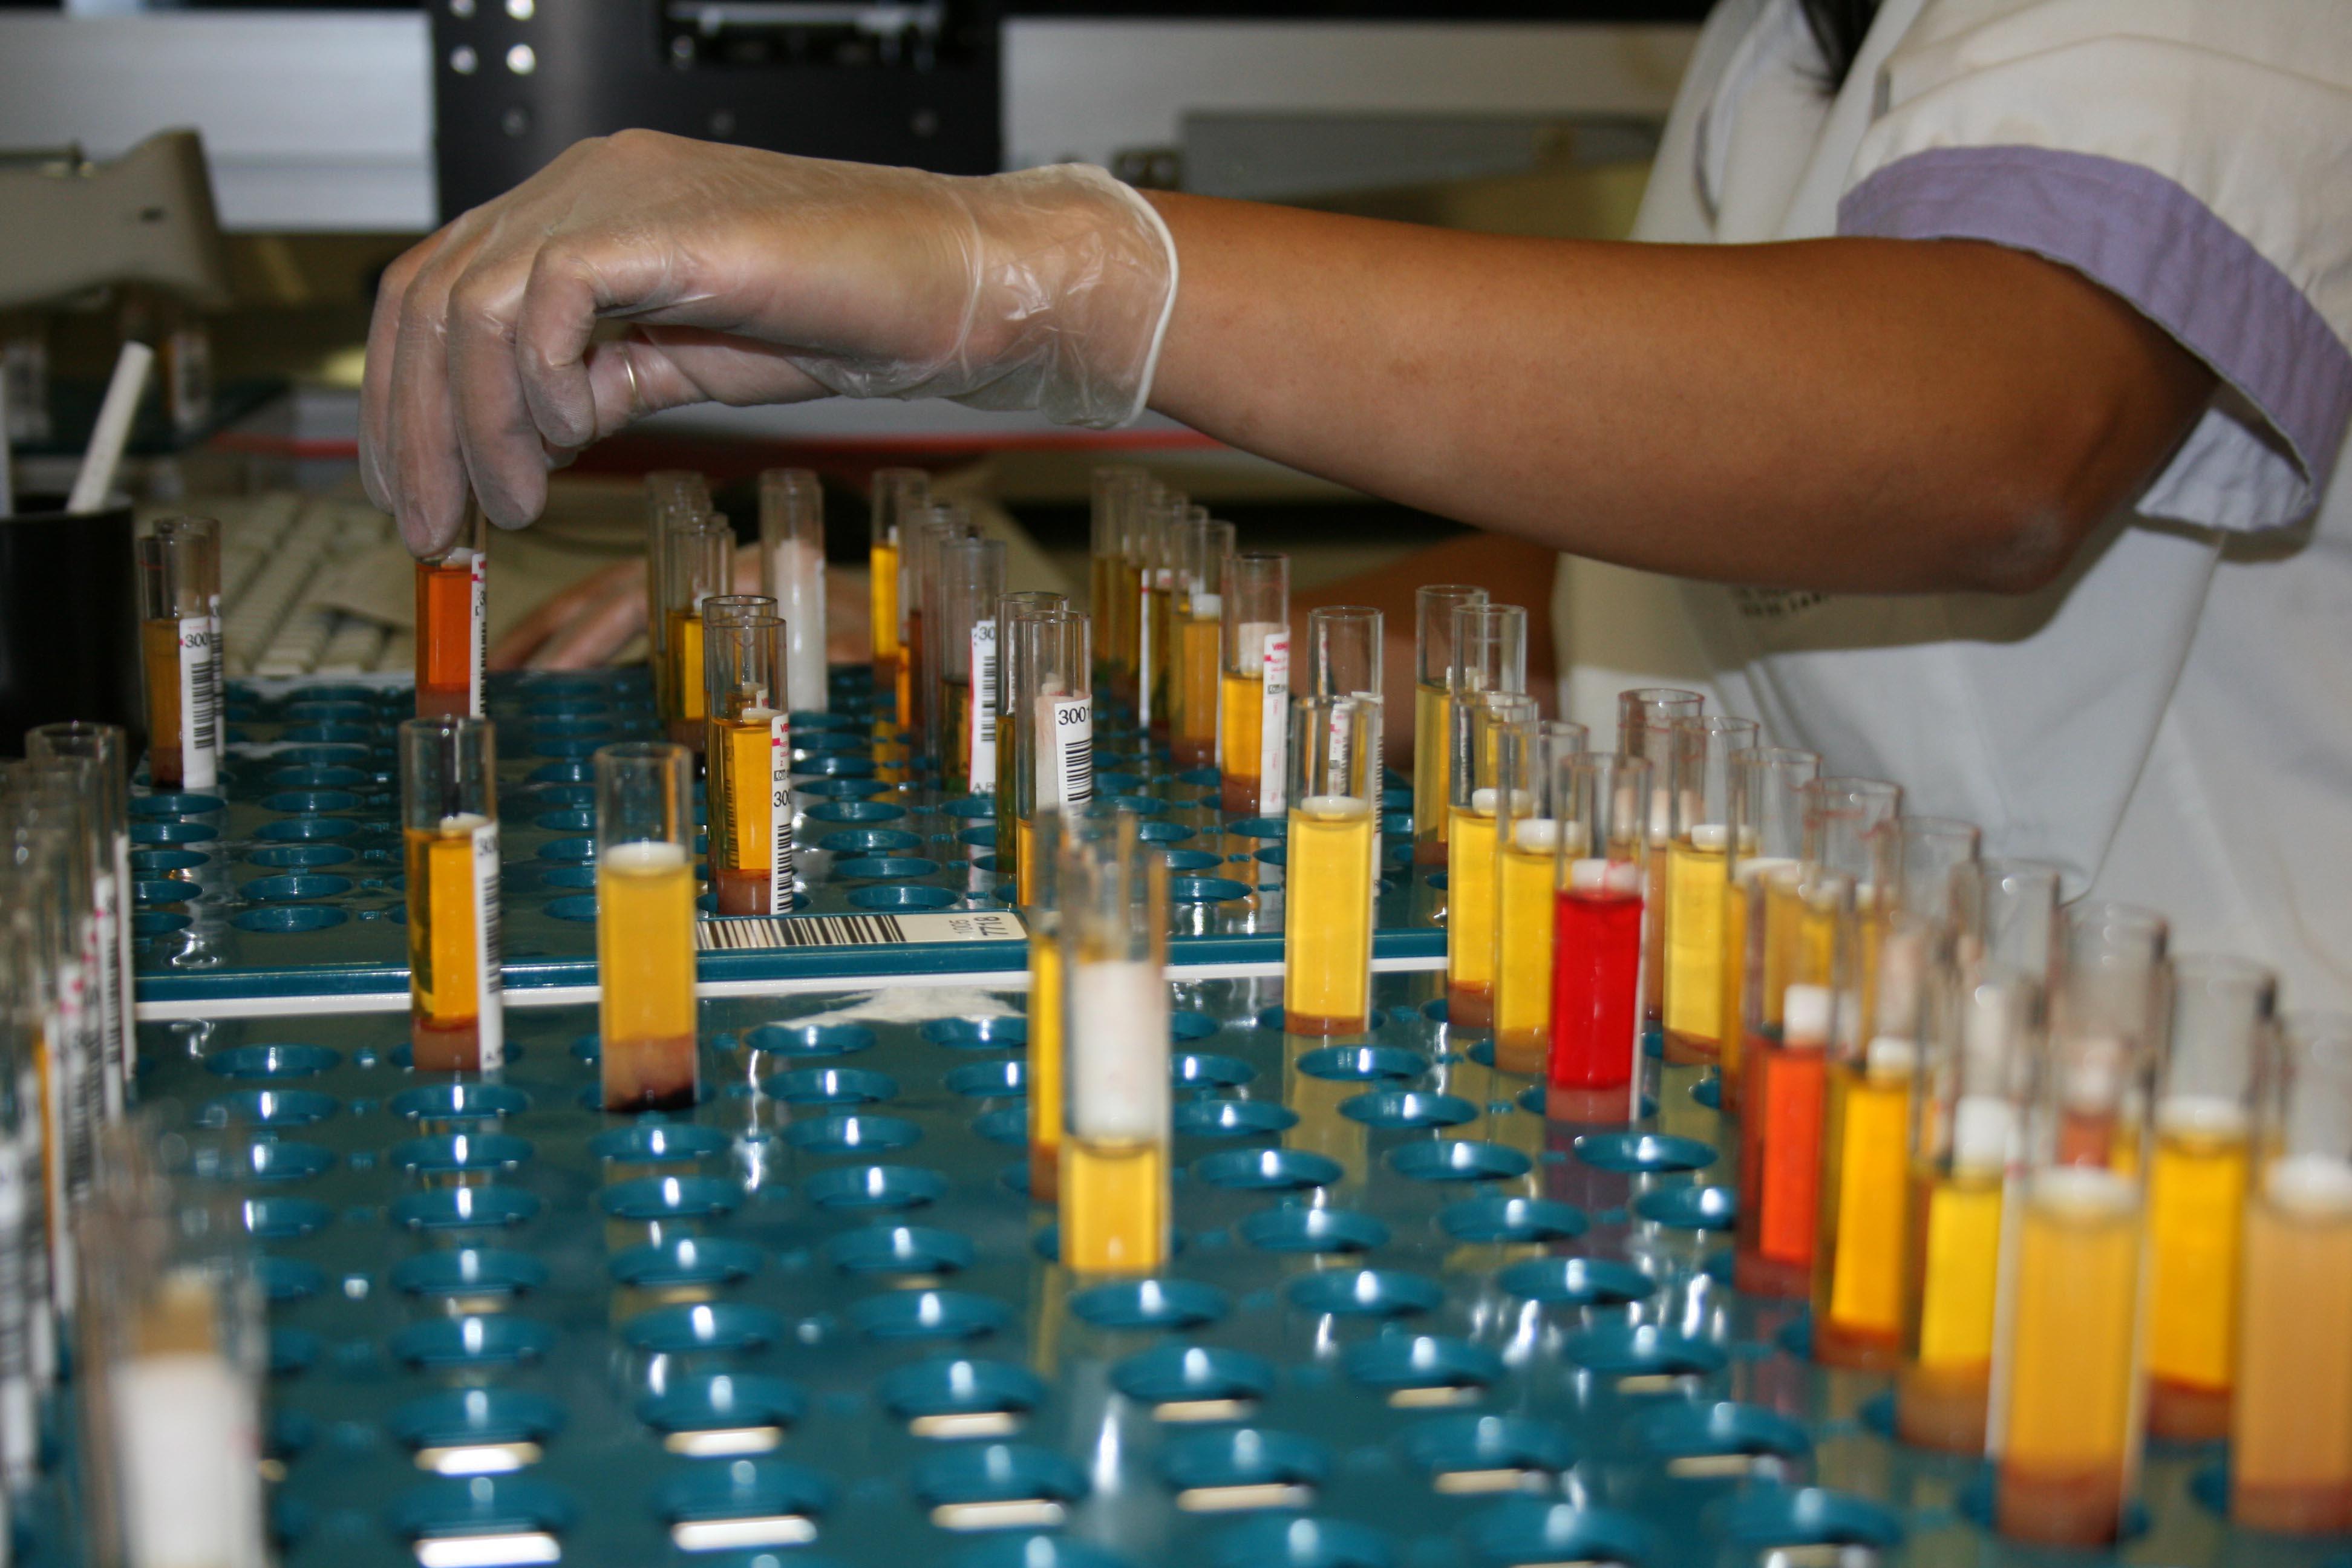 12 proyectos han sido promovidos por personal del Hospital, 29 de promoción externa y 17 académicos.